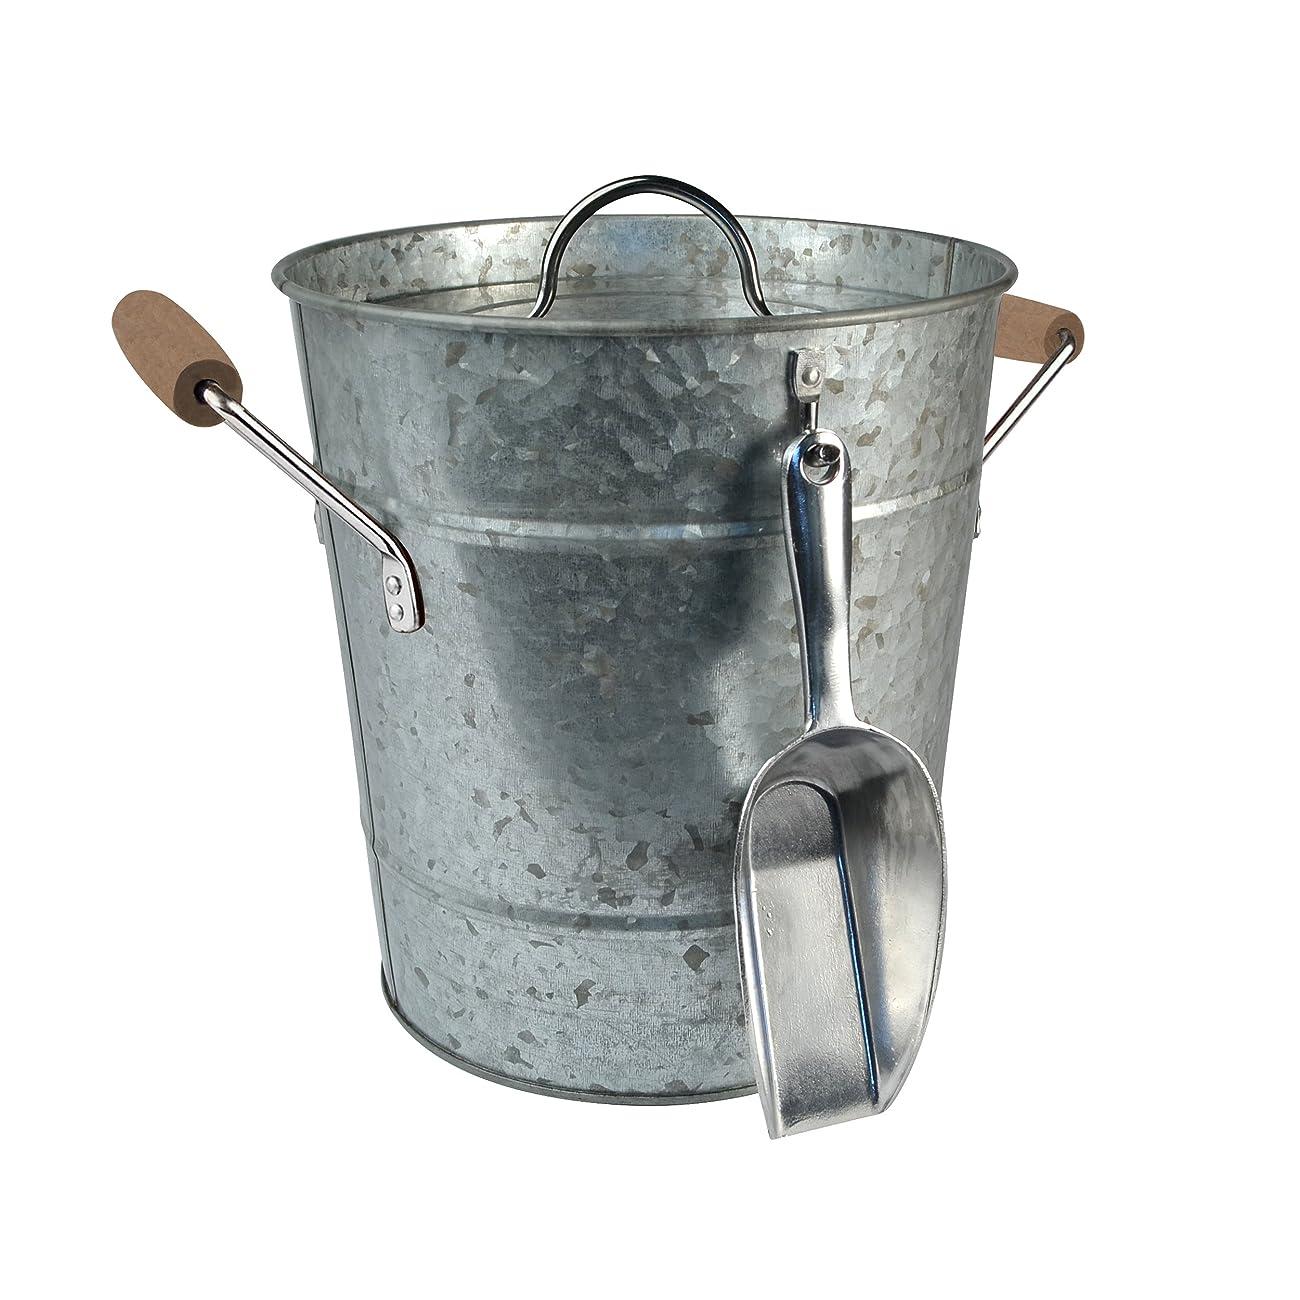 Artland Oasis Ice Bucket with Scoop, Galvanized, Metal 0